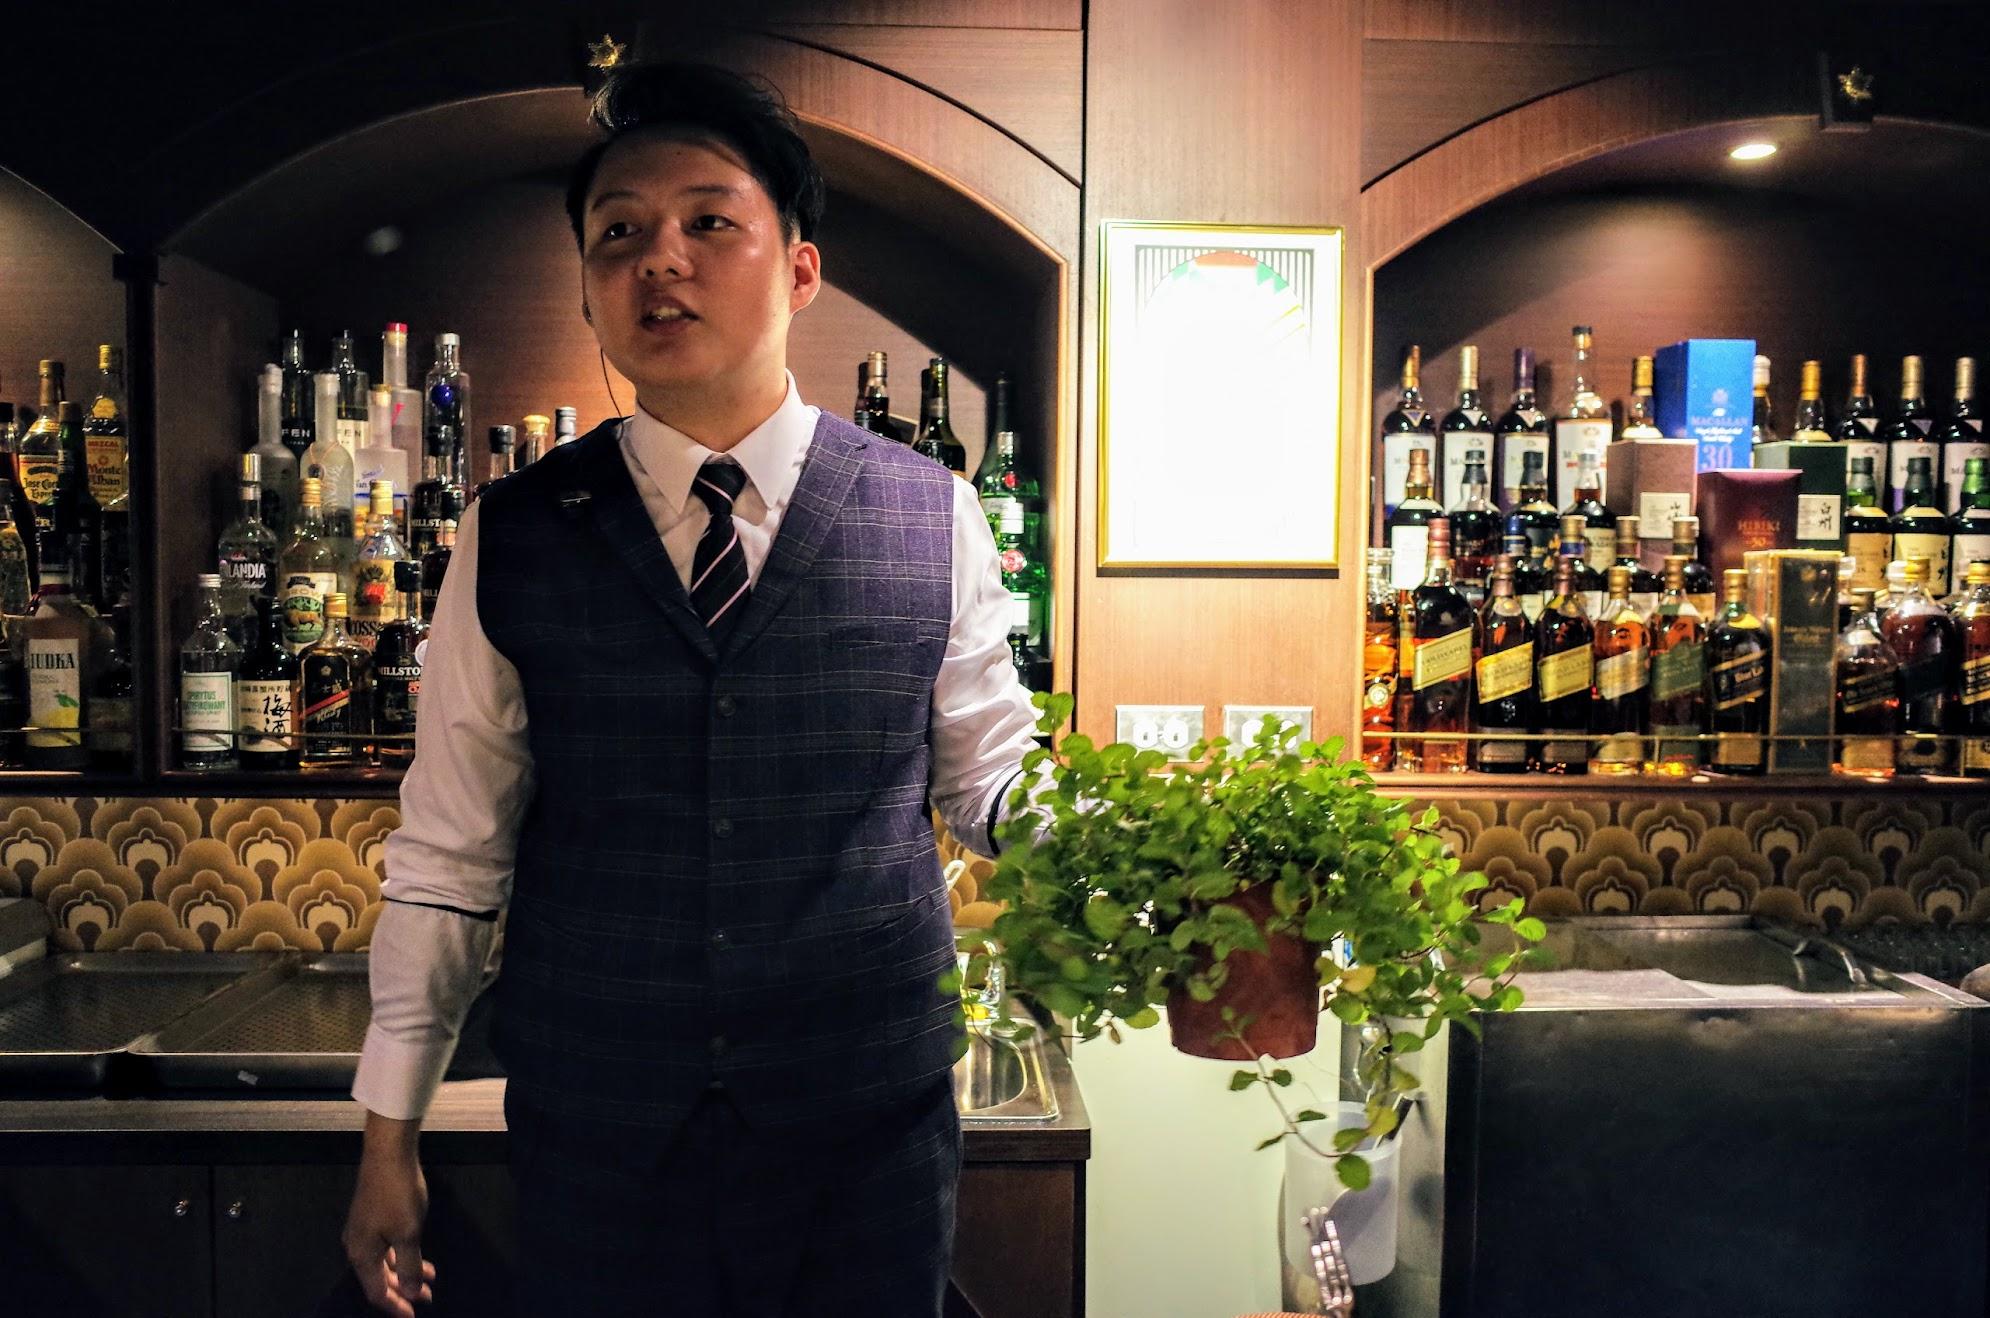 接著接著,調酒師拿出一盆花! 這是薄荷,直些現摘現特調...